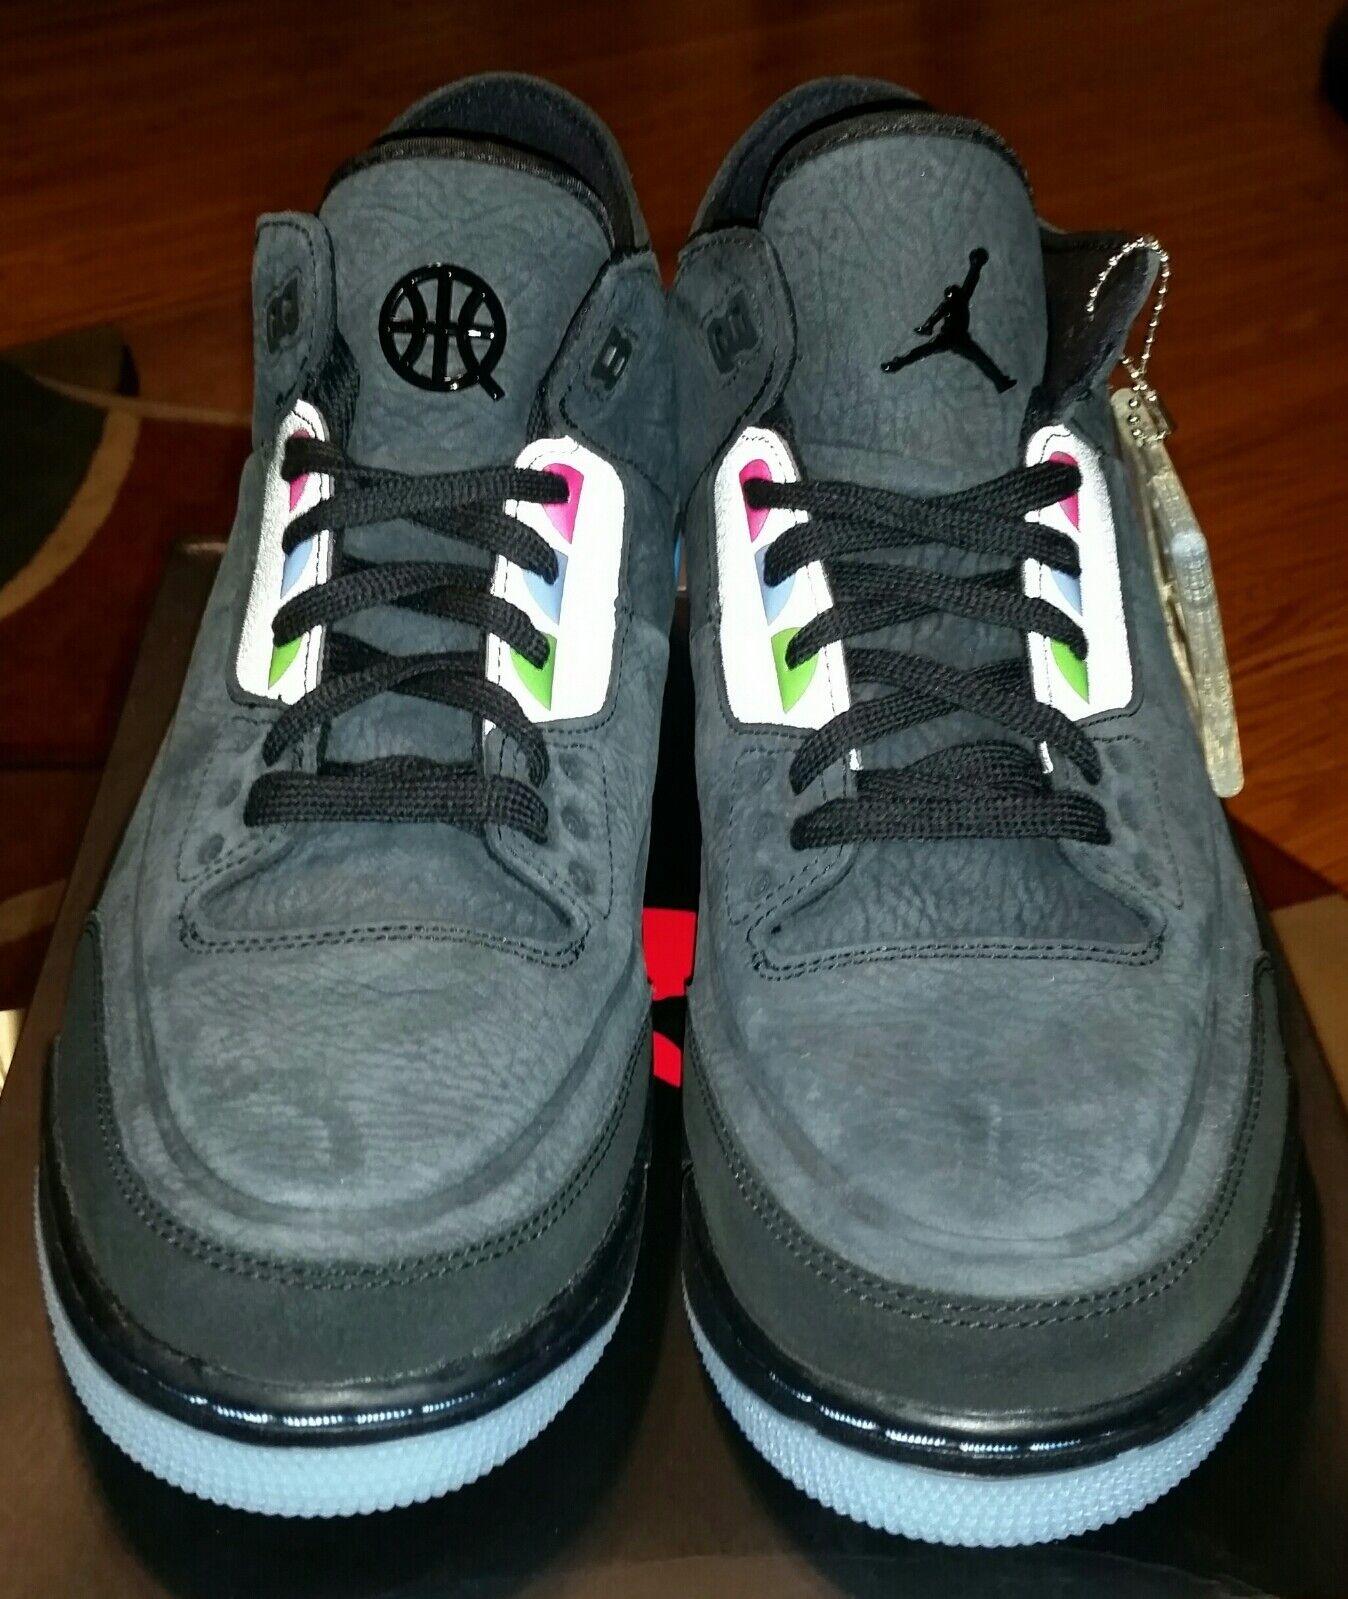 online store bdd97 b03f9 ... Air Jordan 3 Retro SE Q54 Q54 Q54 AT9195 001 Quai 54 men s 12 New  deadstock ...